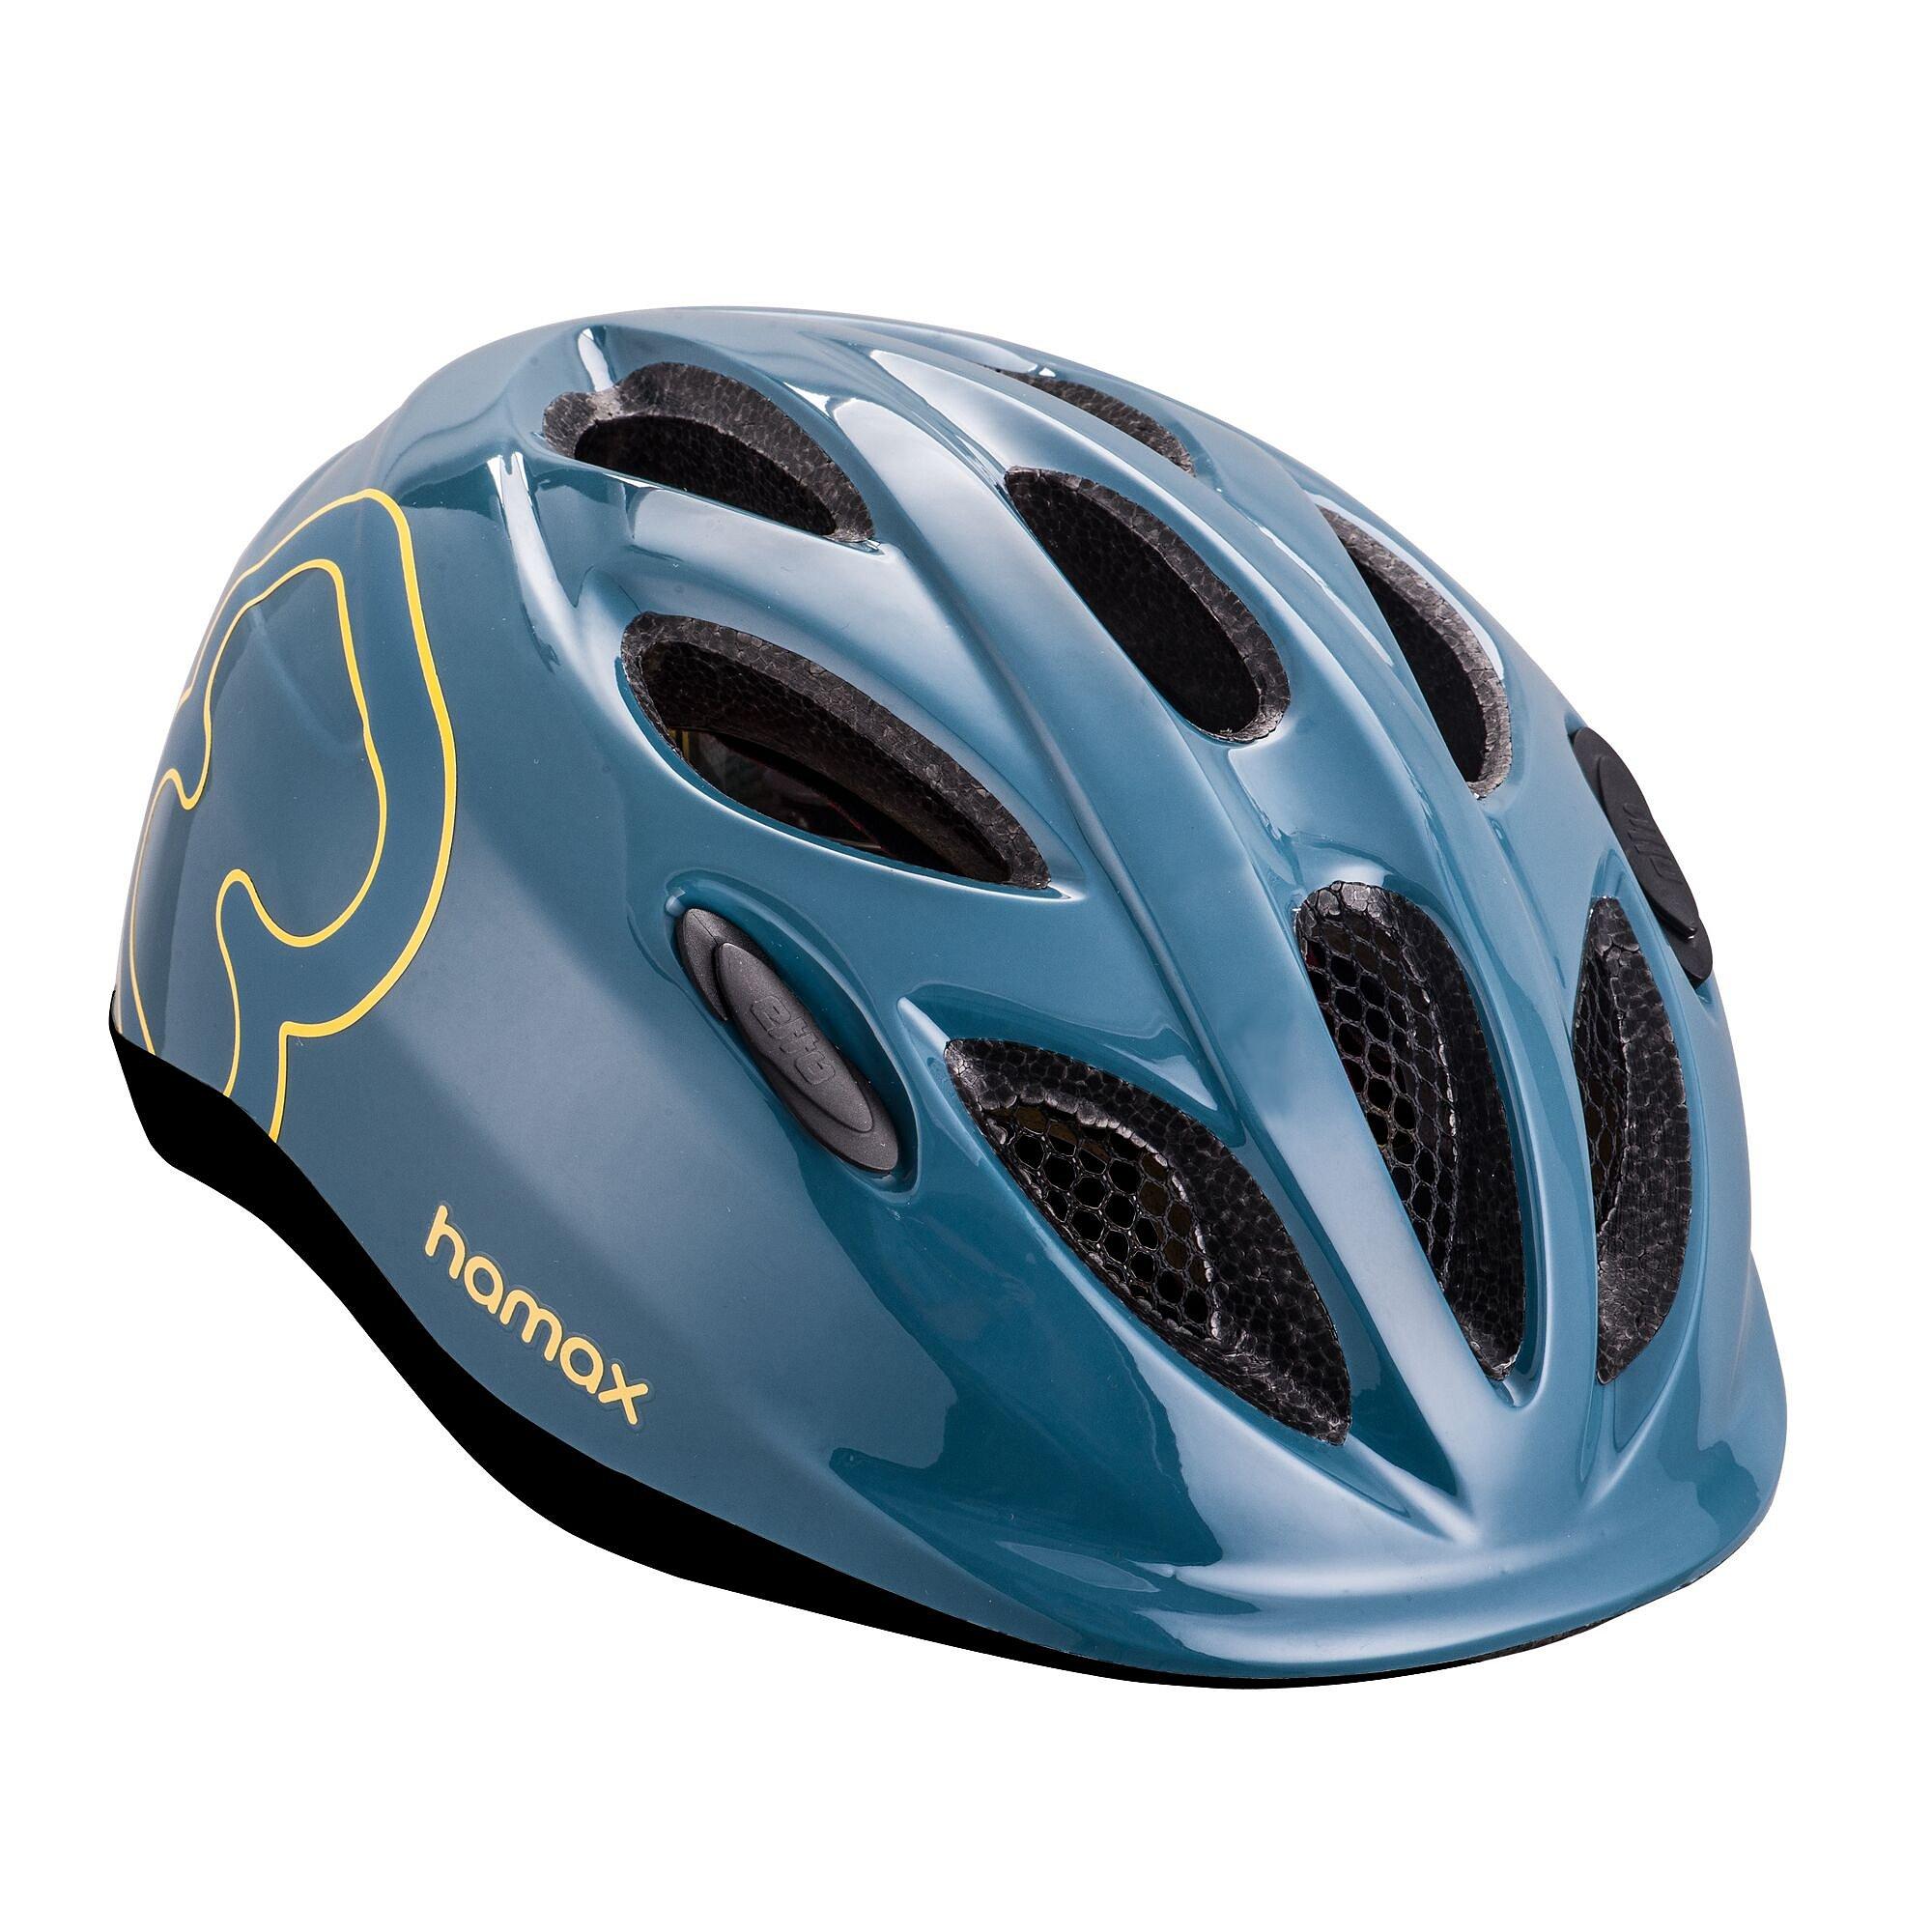 HAMAX Skydive cyklohelma 45-50 - modrá / žluté pásky